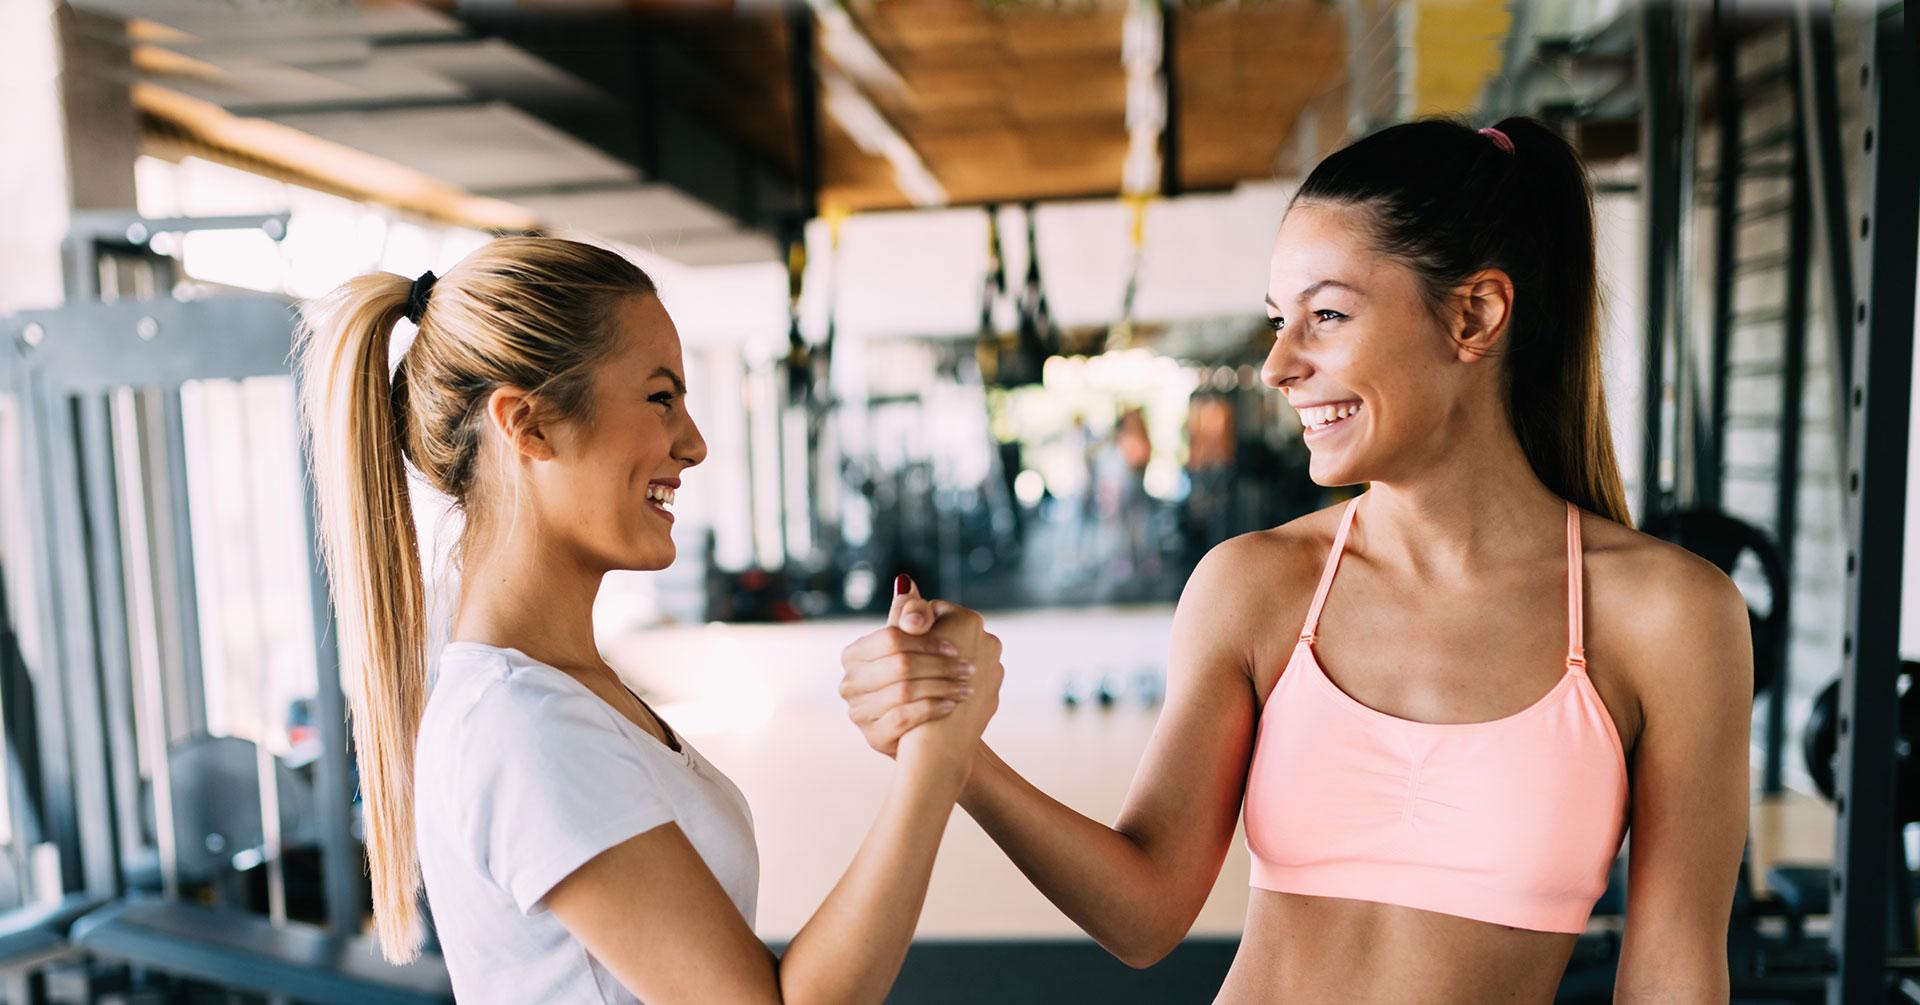 Las mejores razones para empezar a hacer ejercicio